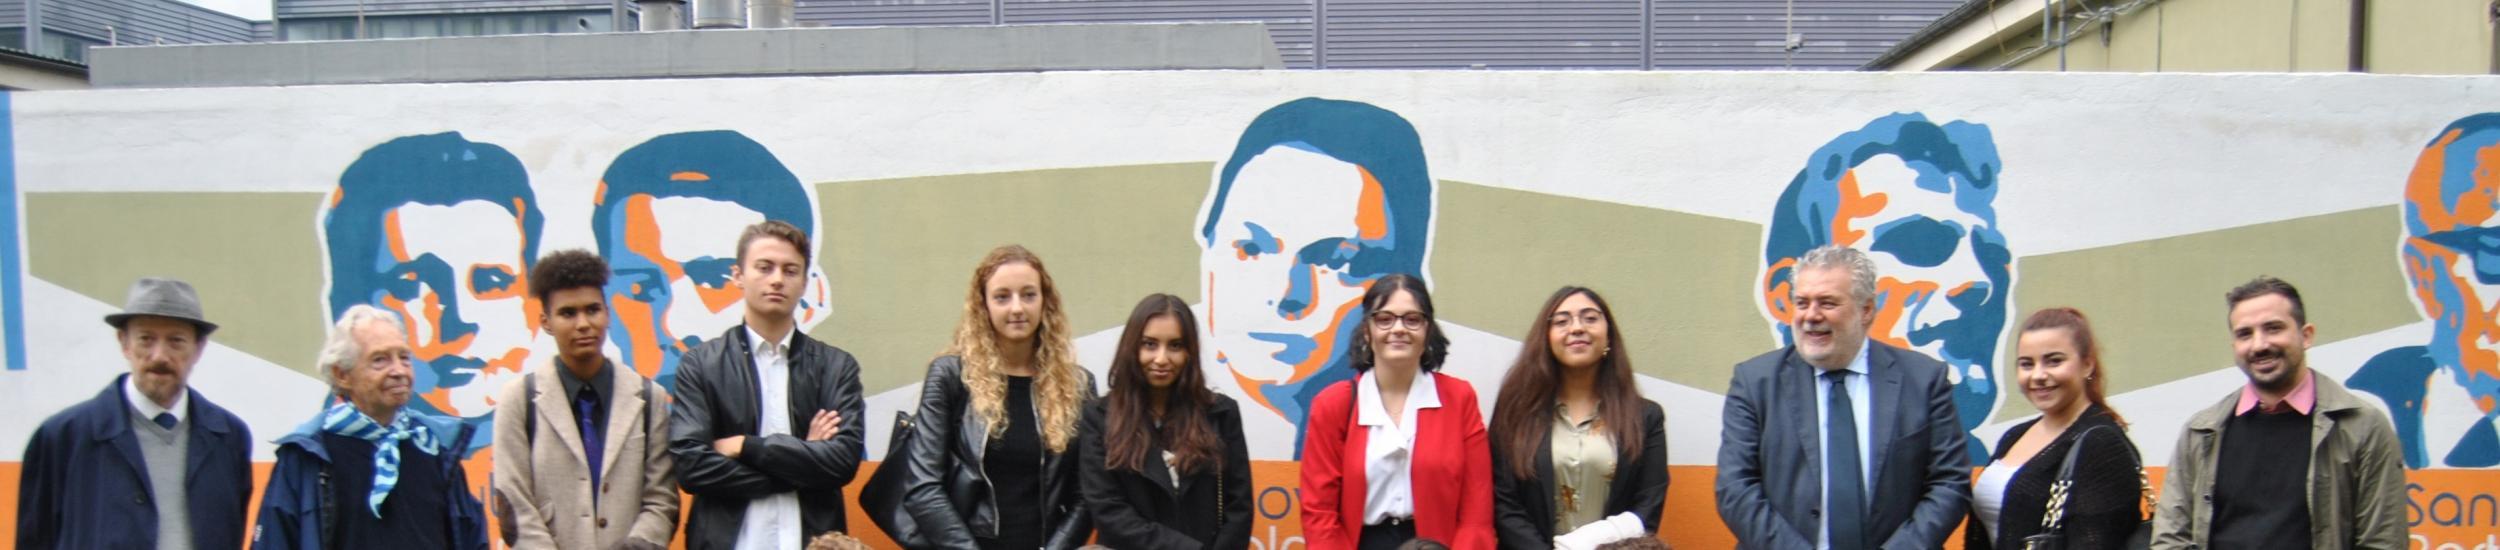 Gli studenti del Klee Barabino ed il Murales